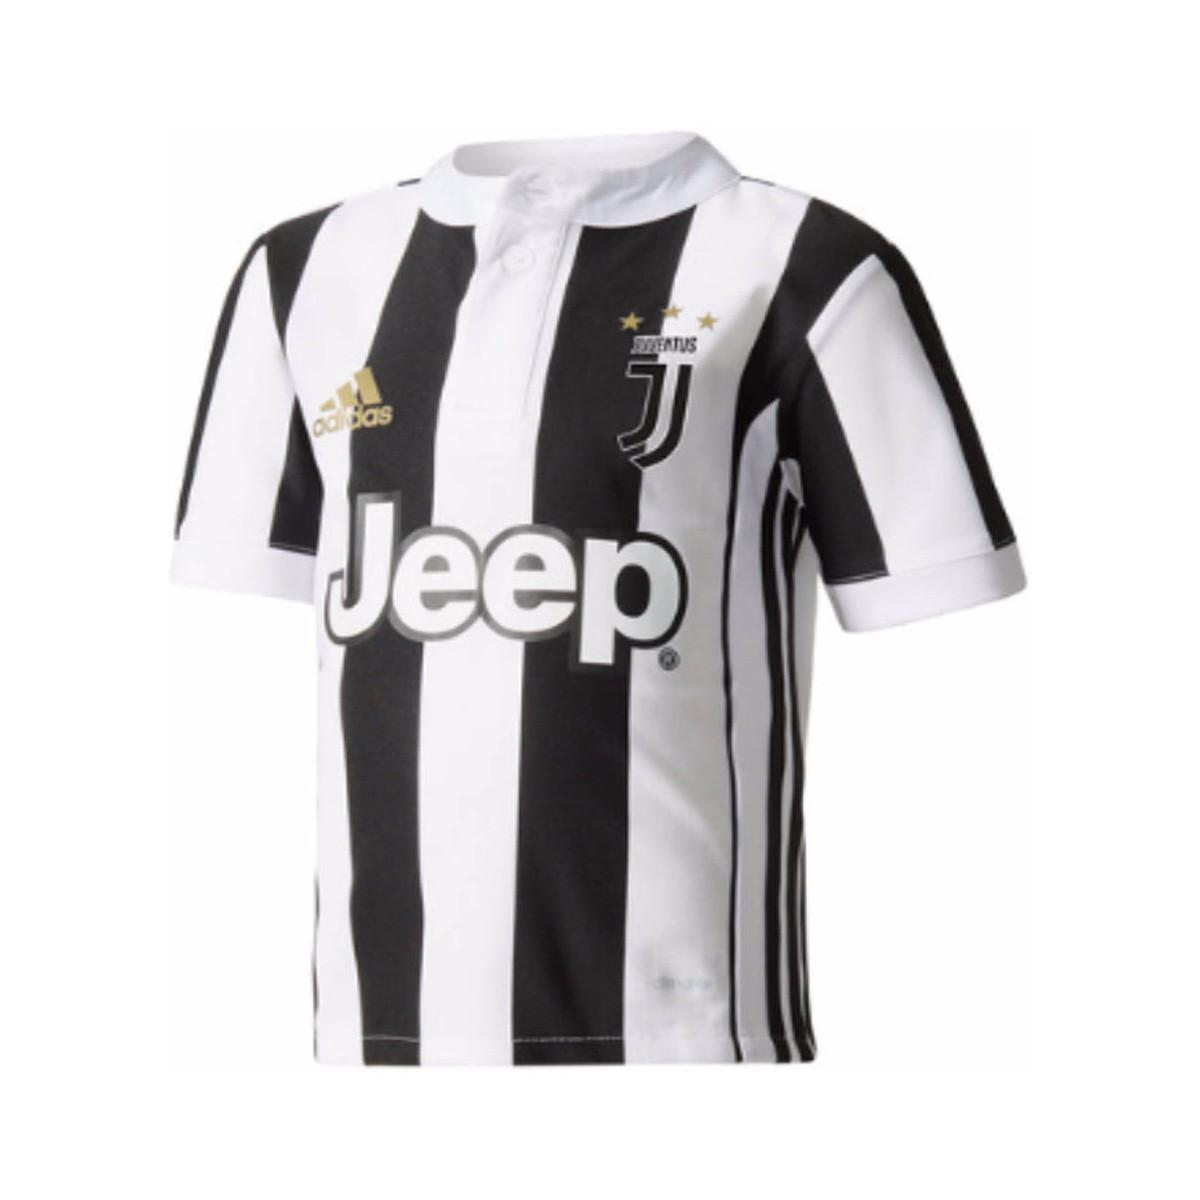 b06eba101 adidas 2017-18 Juventus Home Mini Kit (dybala 10) Men s T Shirt In ...